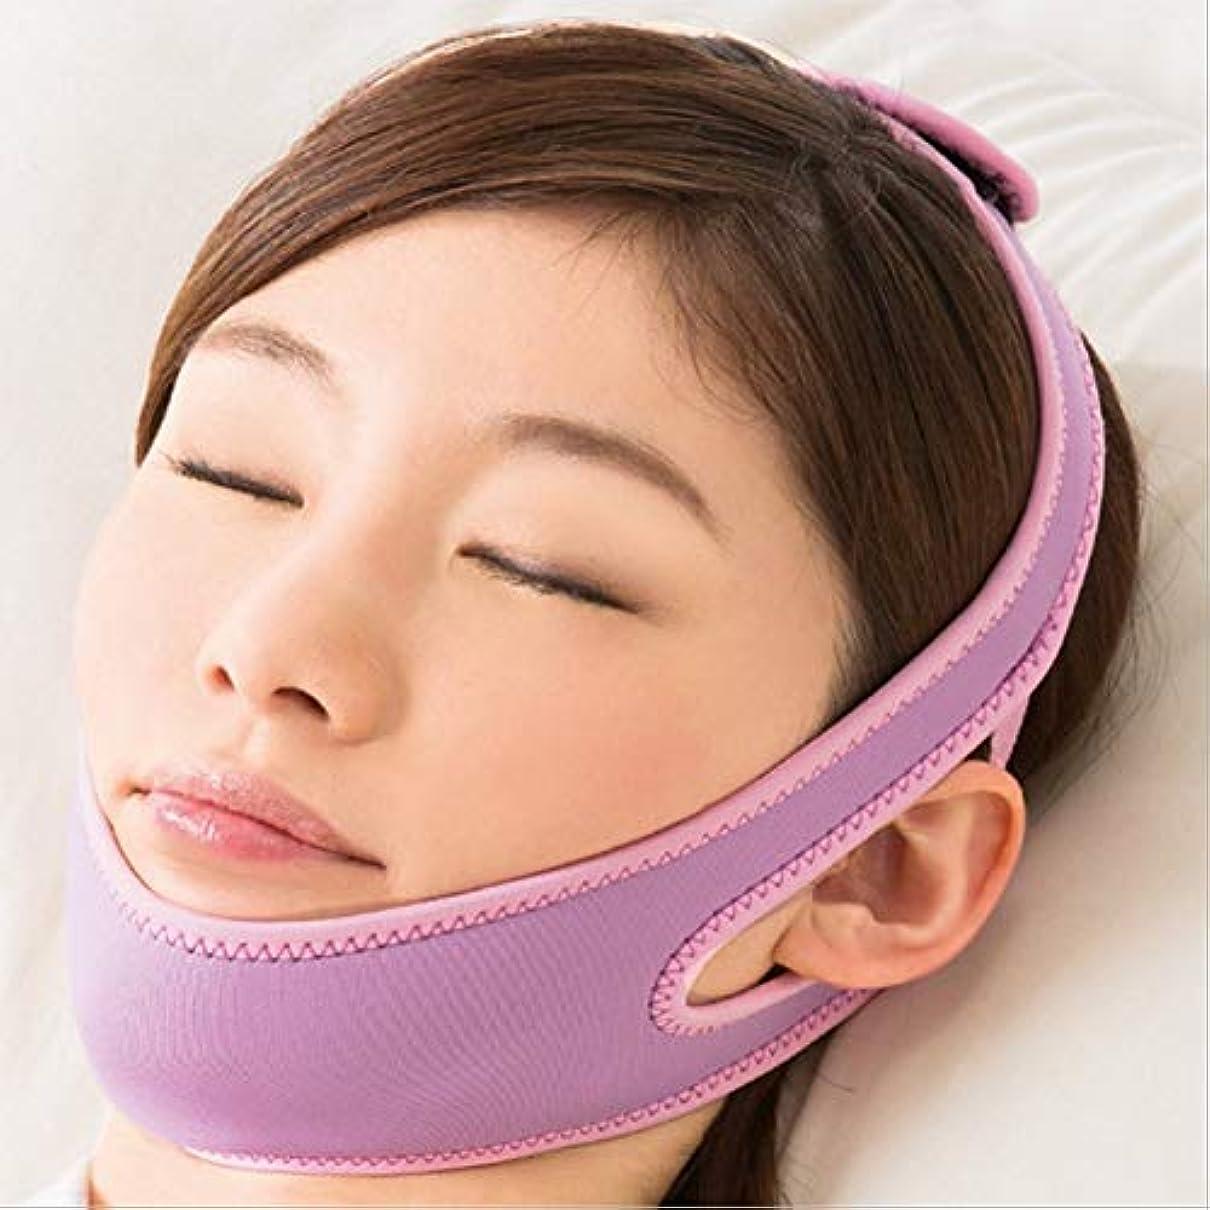 必要世代コショウいびき防止 そして いびき防止テープ、 開封睡眠包帯 プロフェッショナルな効果的なデバイス 快適で自然な調整可能 あごサポートヘッドバンド